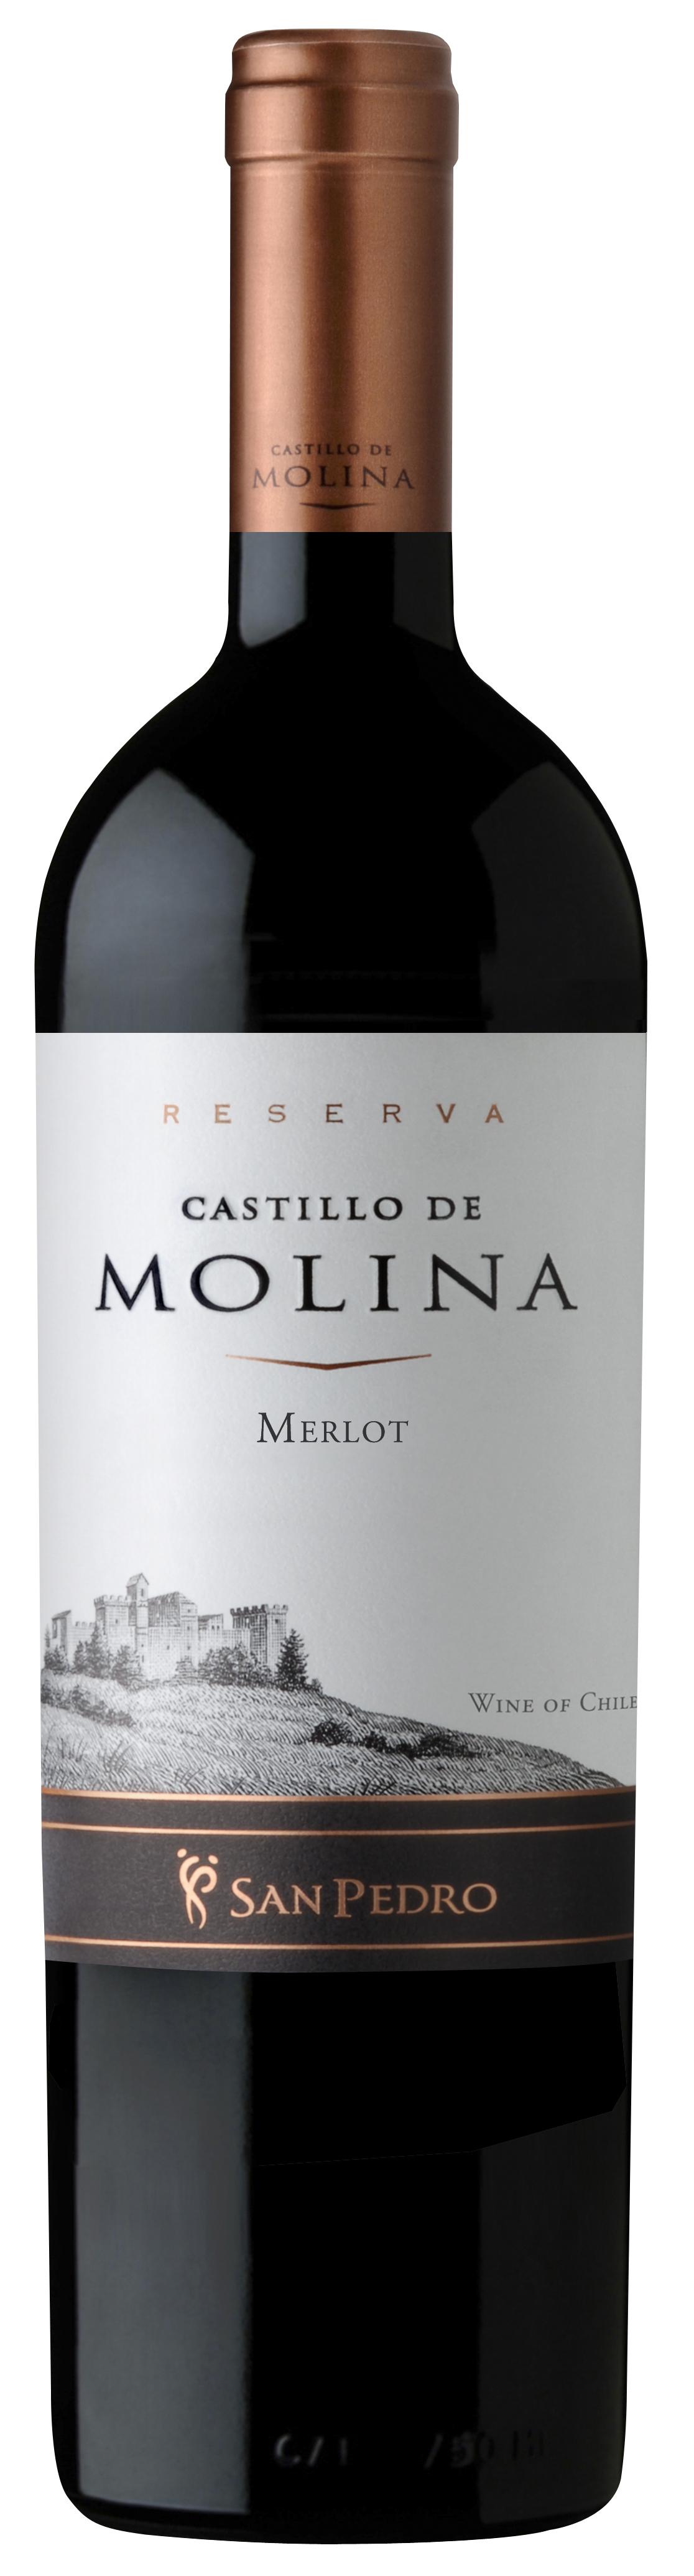 Castillo de Molina Merlot Reserva